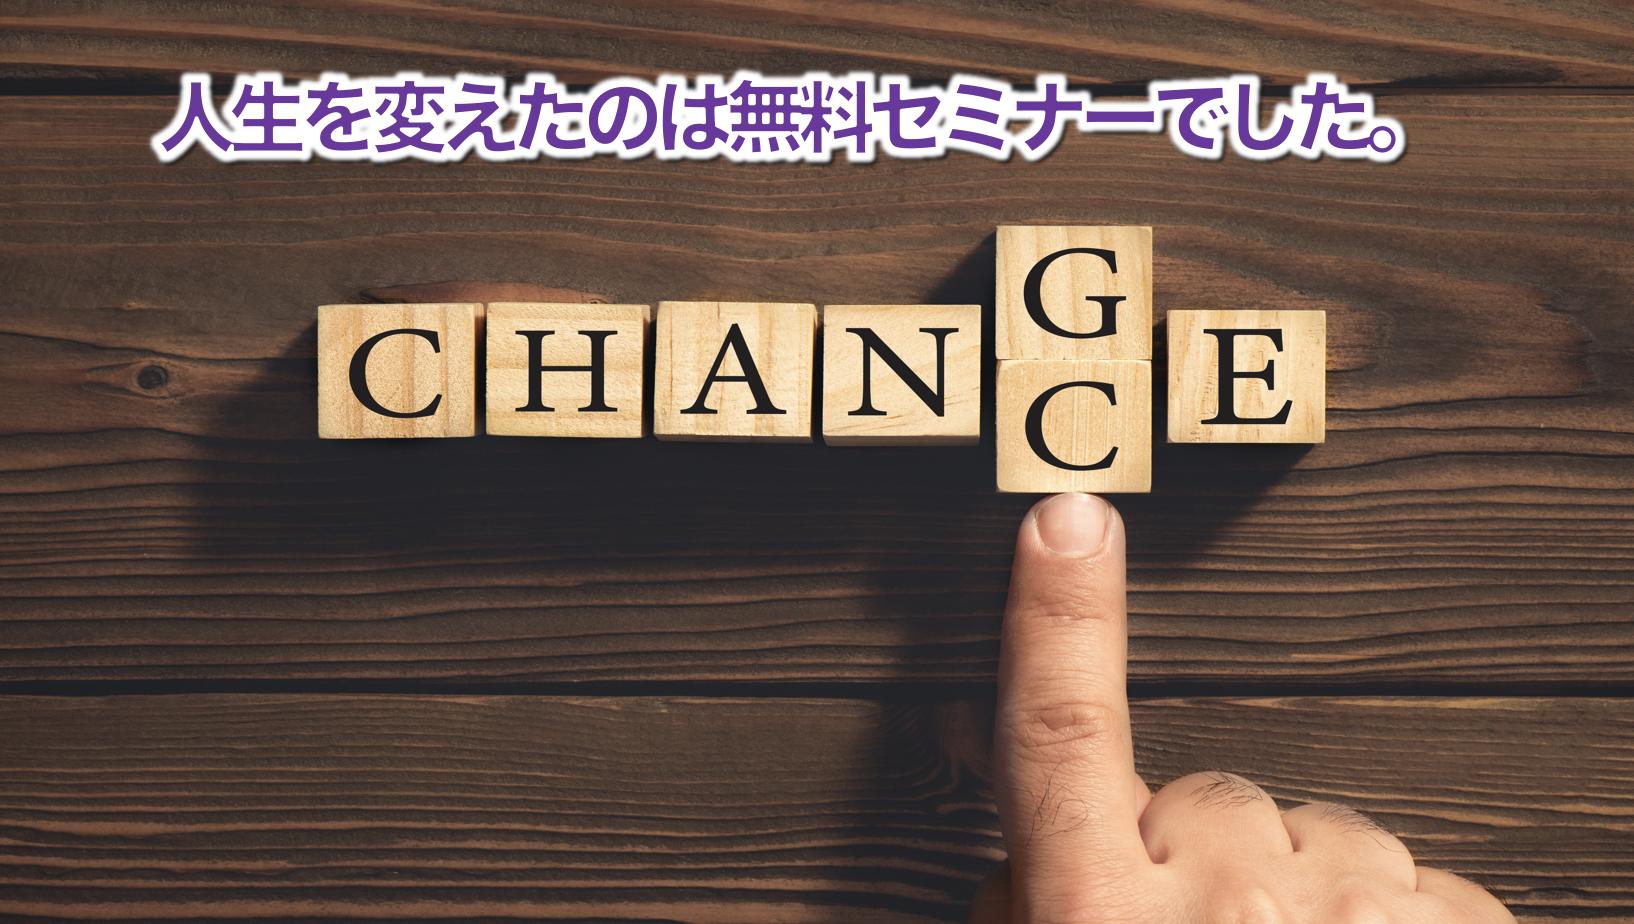 ◆人生を変えたきっかけは無料セミナーでした。